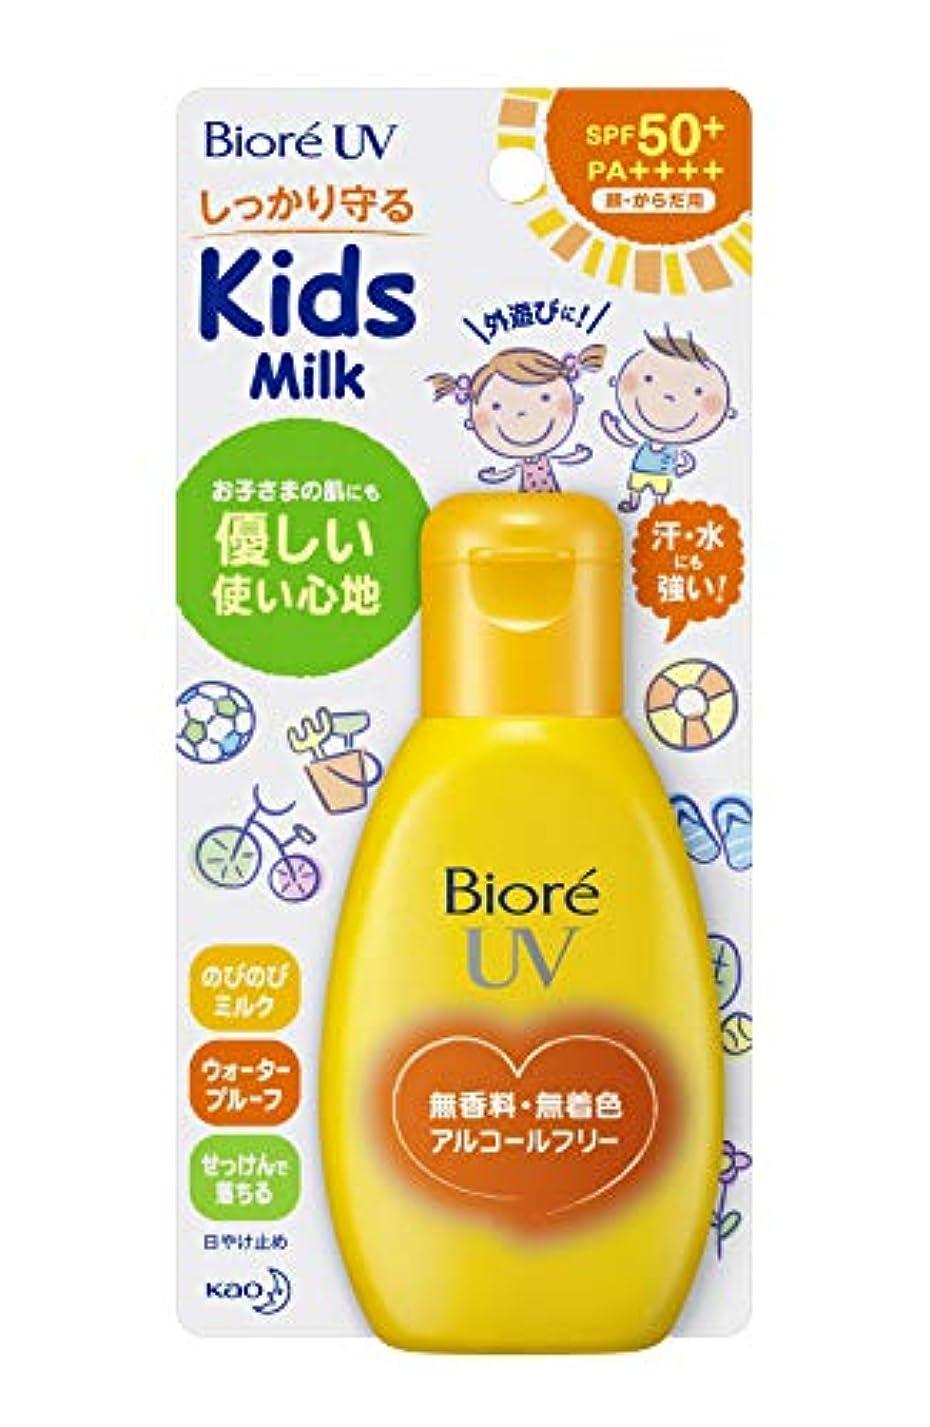 古代工業用品種ビオレ UV のびのびキッズミルク SPF50+/PA++++ 90g